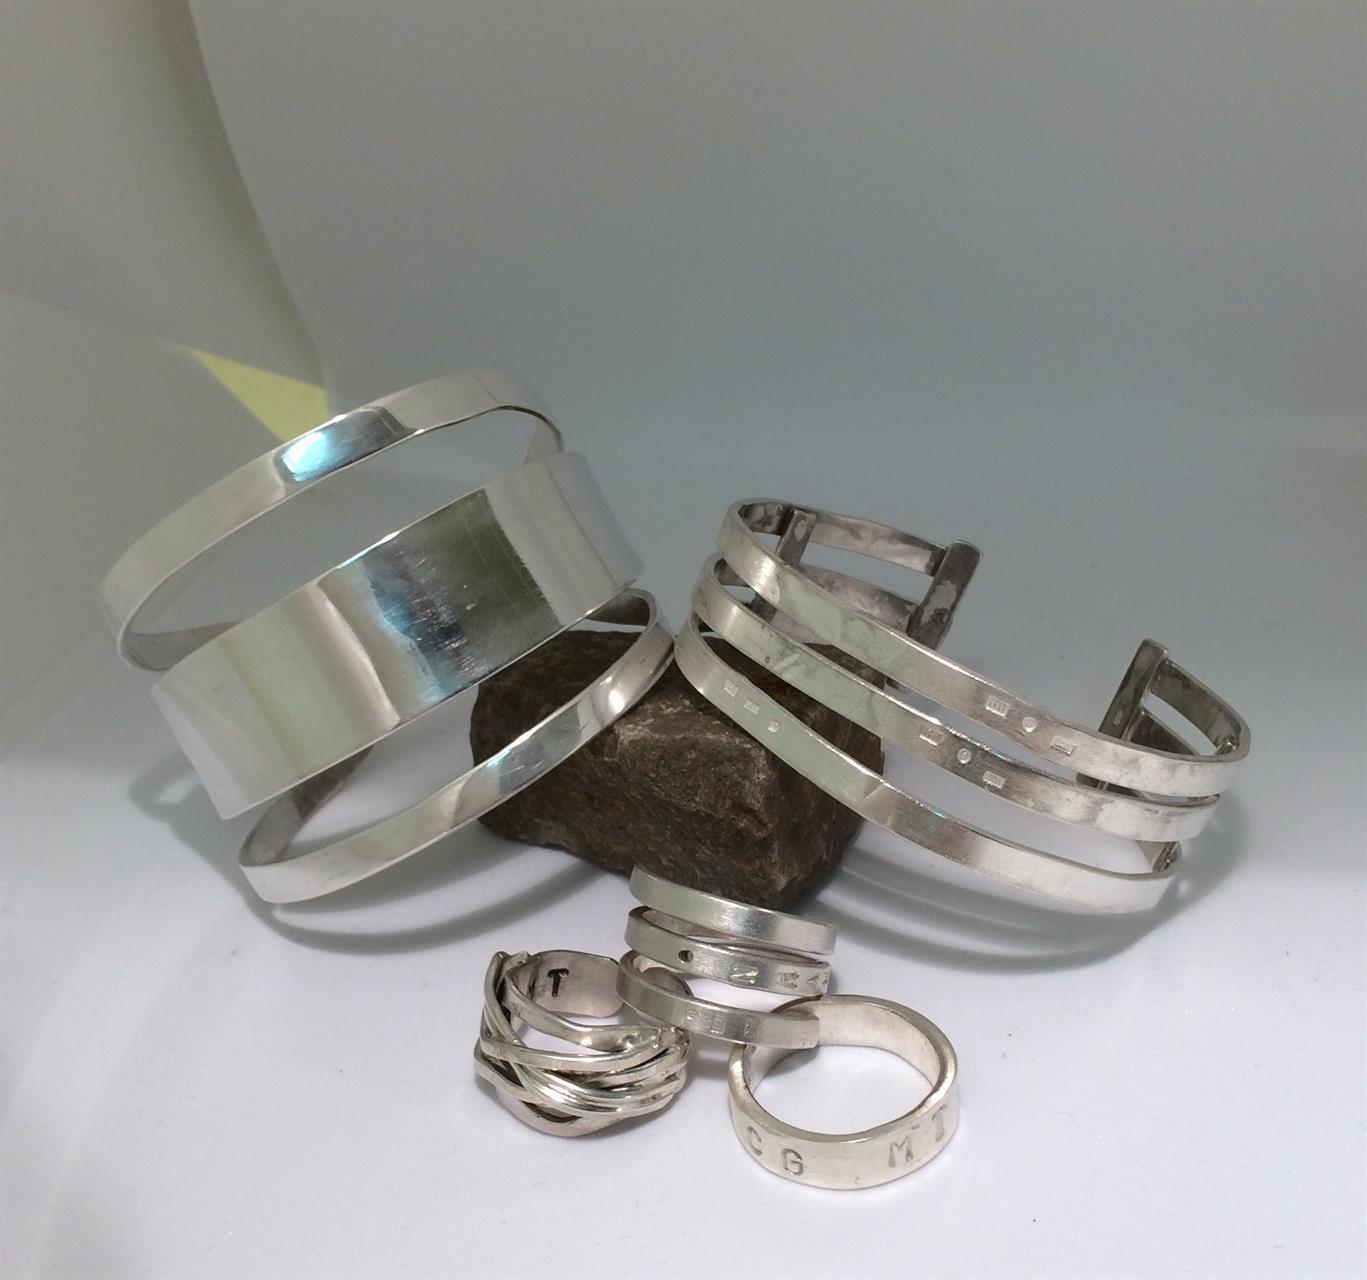 Smycke av elever på silversmideskurs.